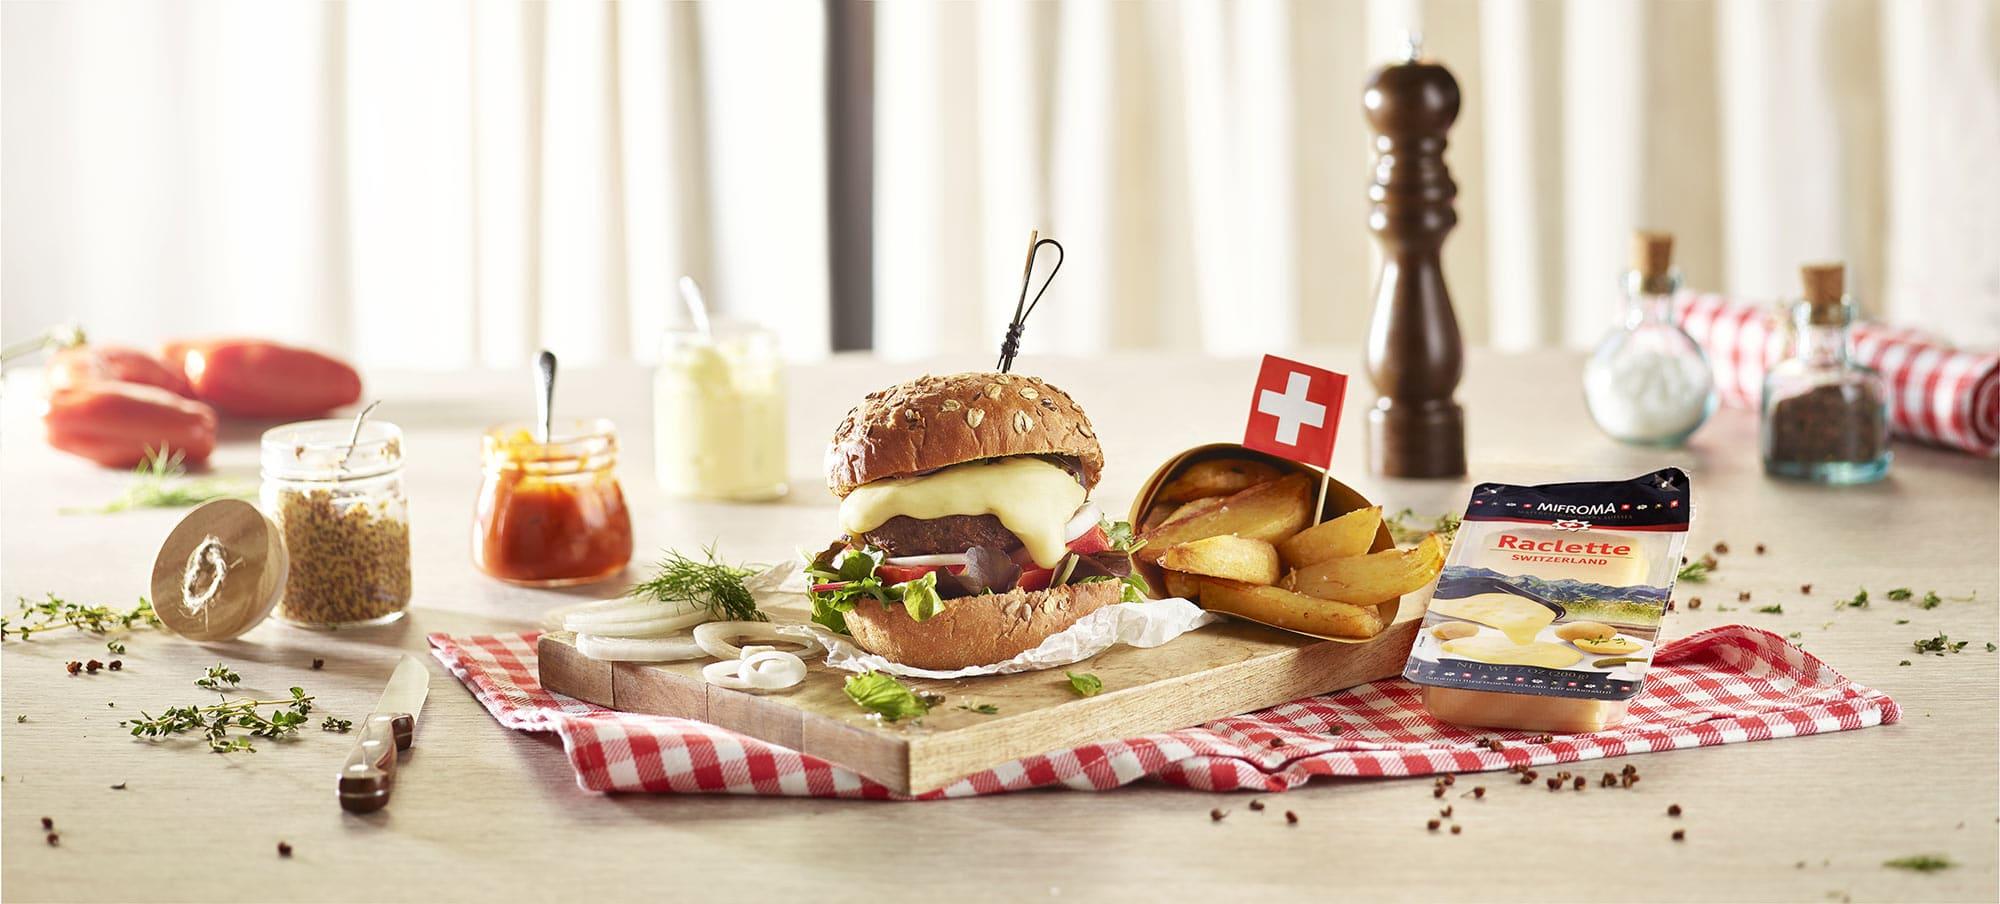 Mifroma Formaggio Raclette Svizzera Food Shot by Fotografando